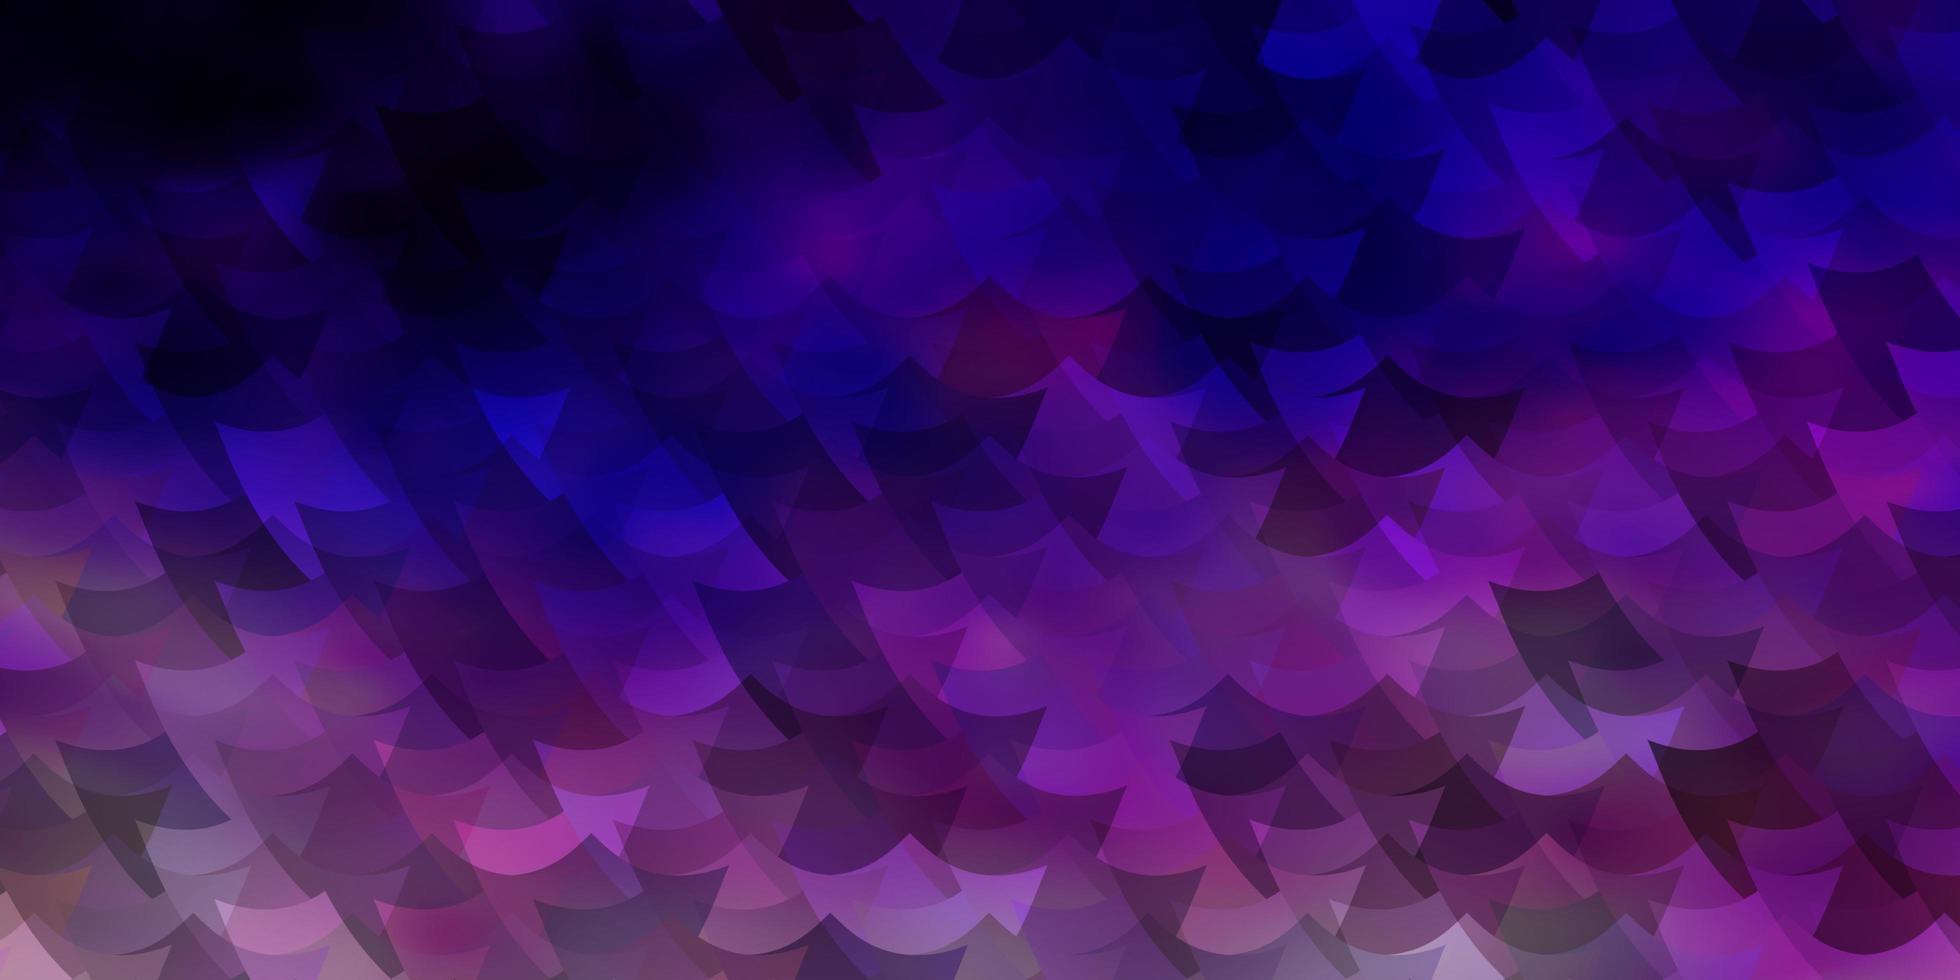 sfondo vettoriale viola chiaro, rosa in stile poligonale.